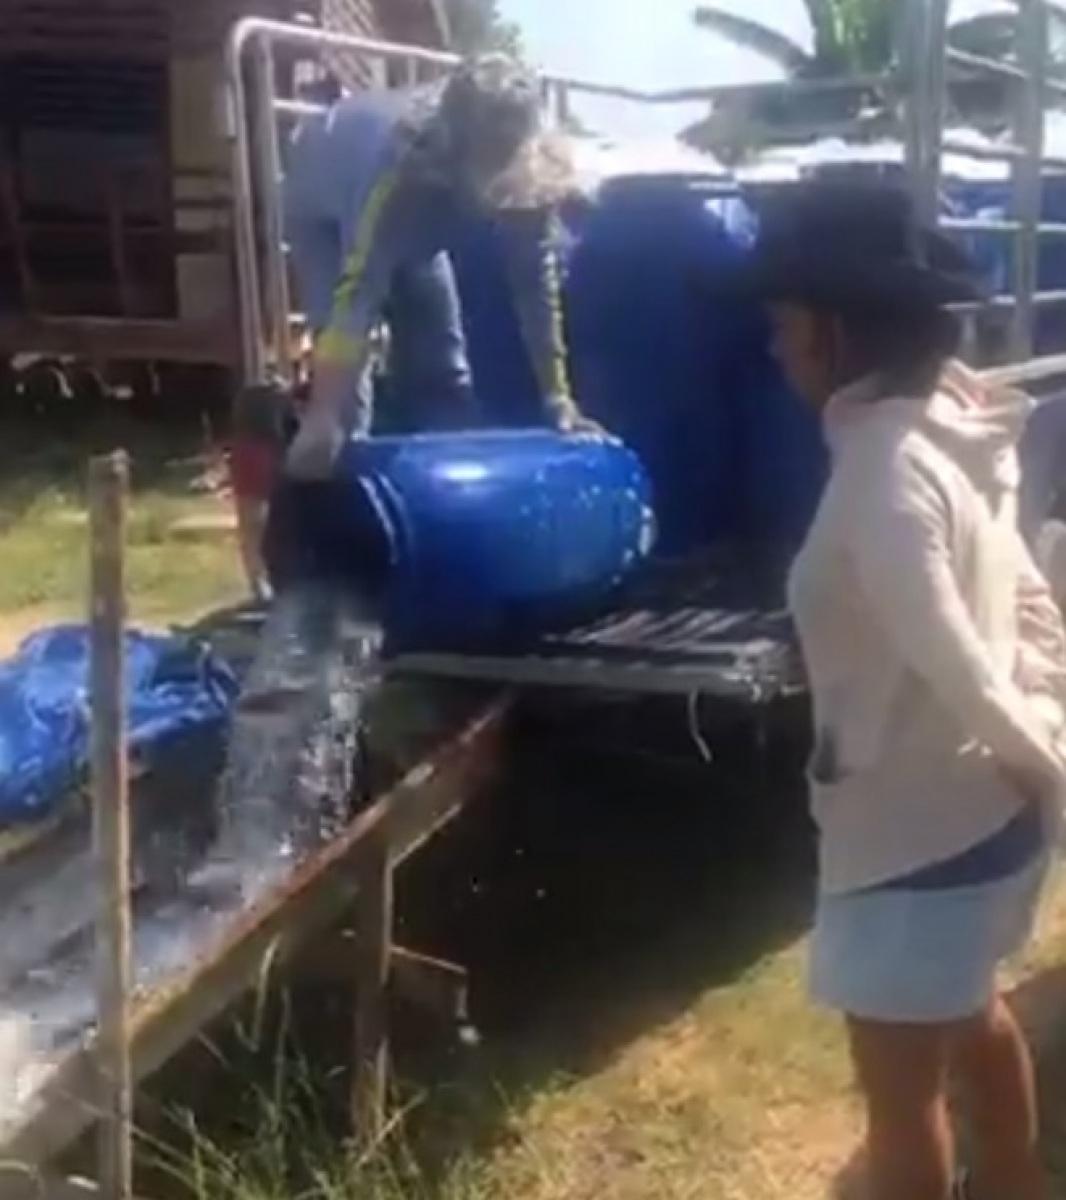 ลงปลาใหม่ 400 โล บ่อตกปลากระพงและสนามกีฬาชนไก่ลาดหลุมแก้ว